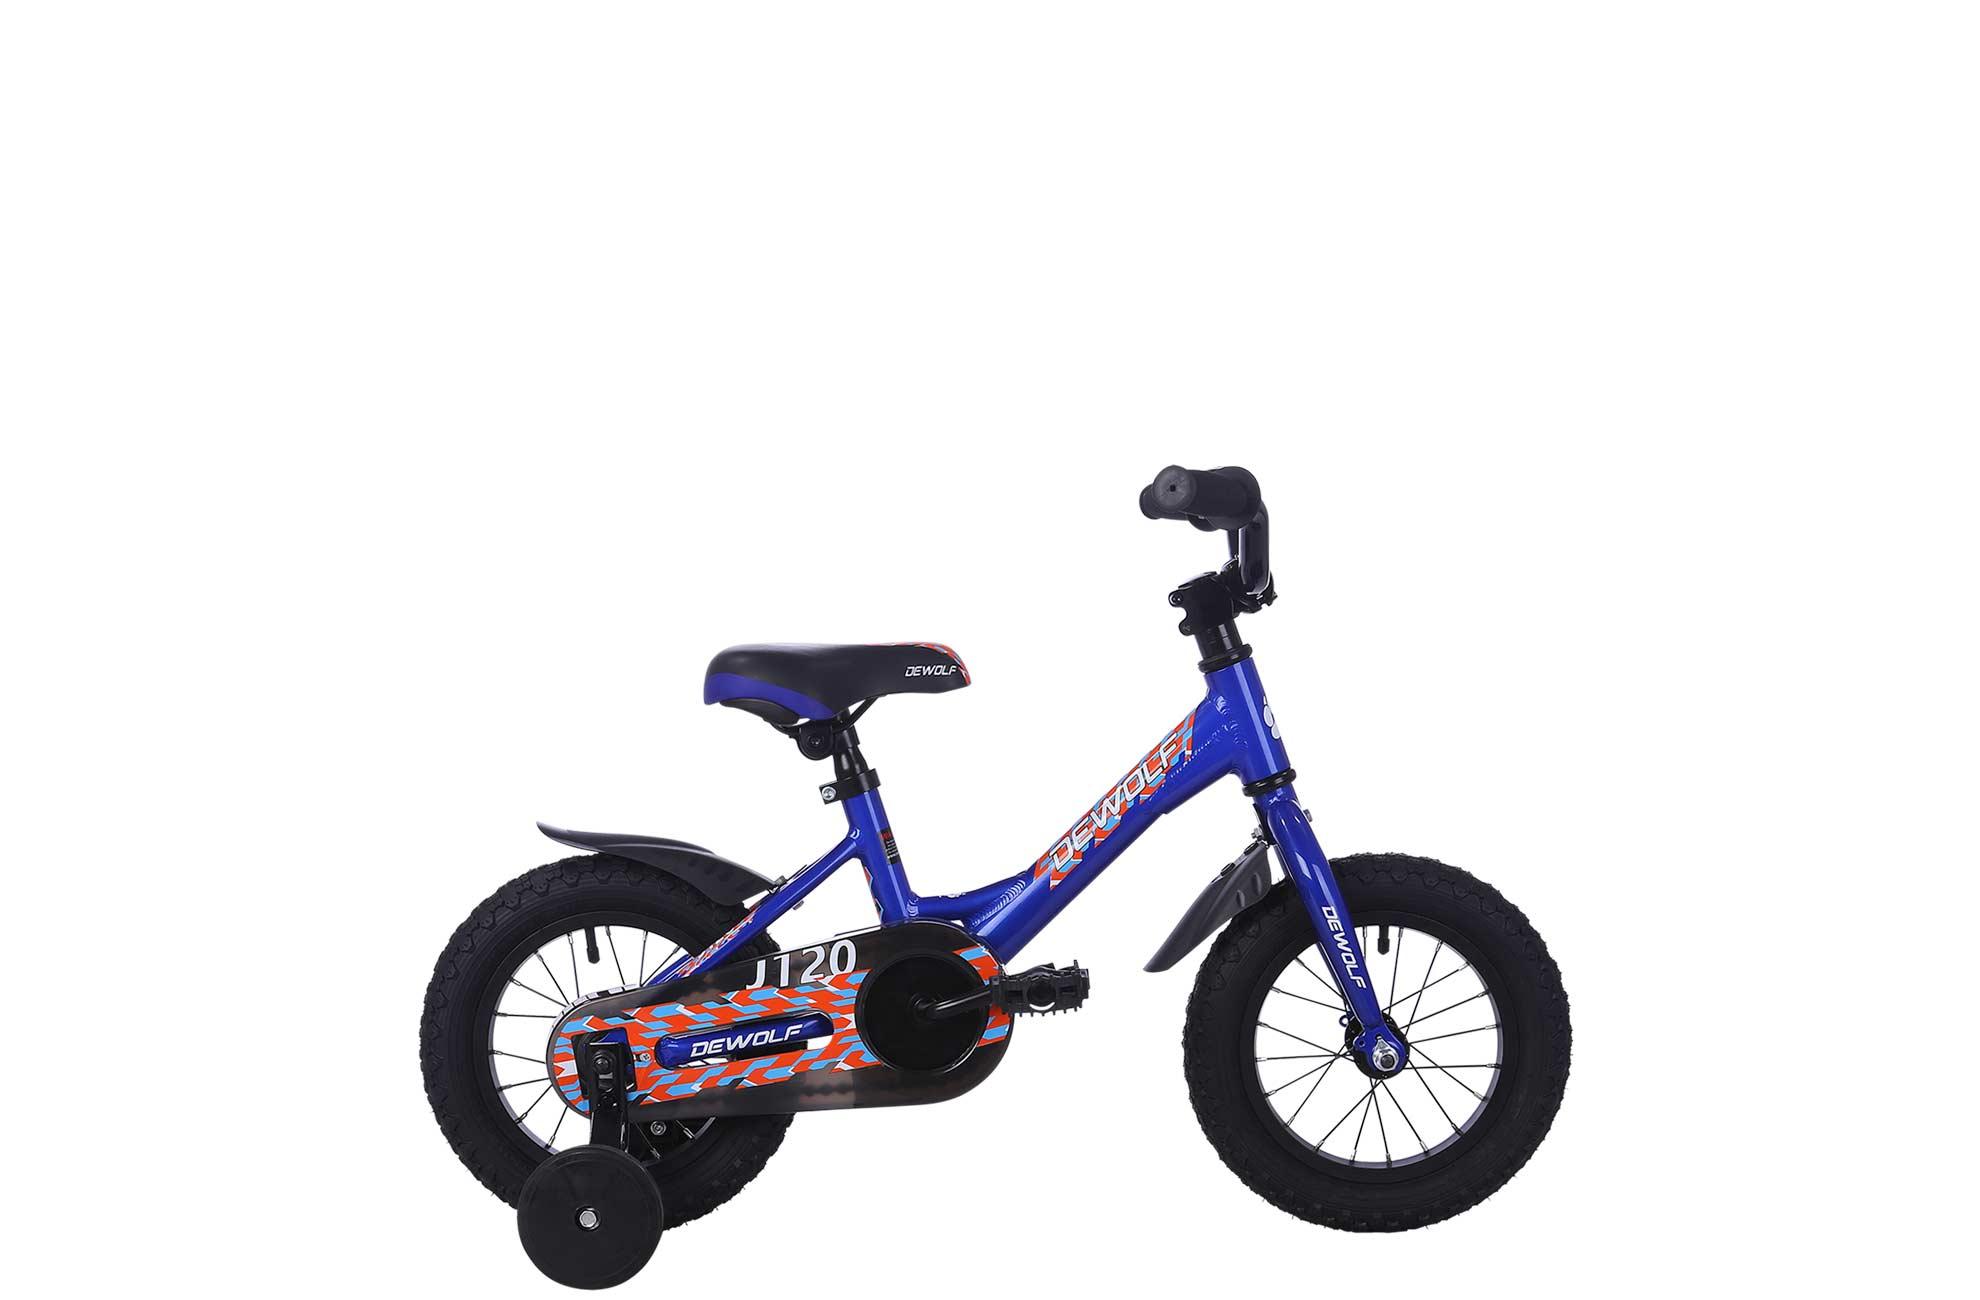 Детский велосипед DEWOLF J120 BOY (2016), Цвет Синий